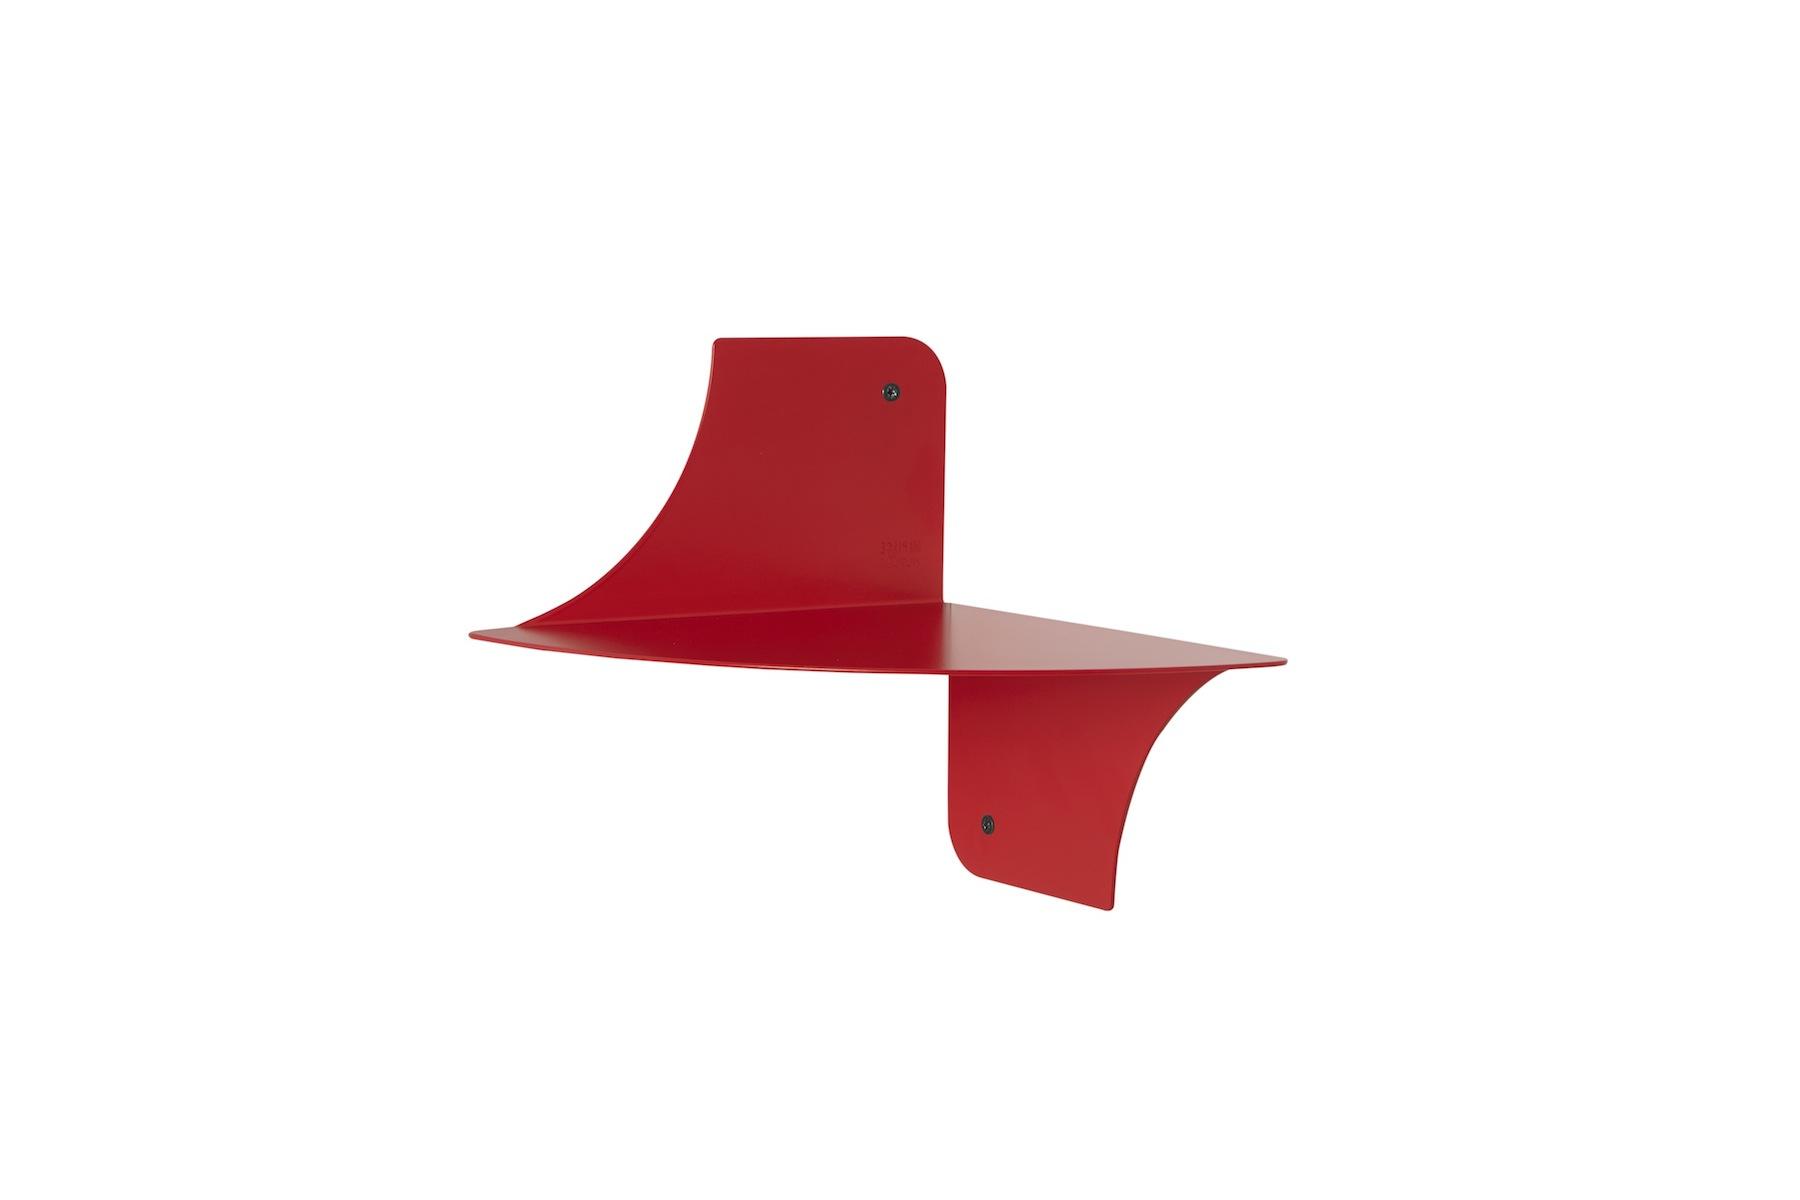 Mensole Angolari Colorate.Mensola Angolare Design Salvaspazio Mipiacemolto